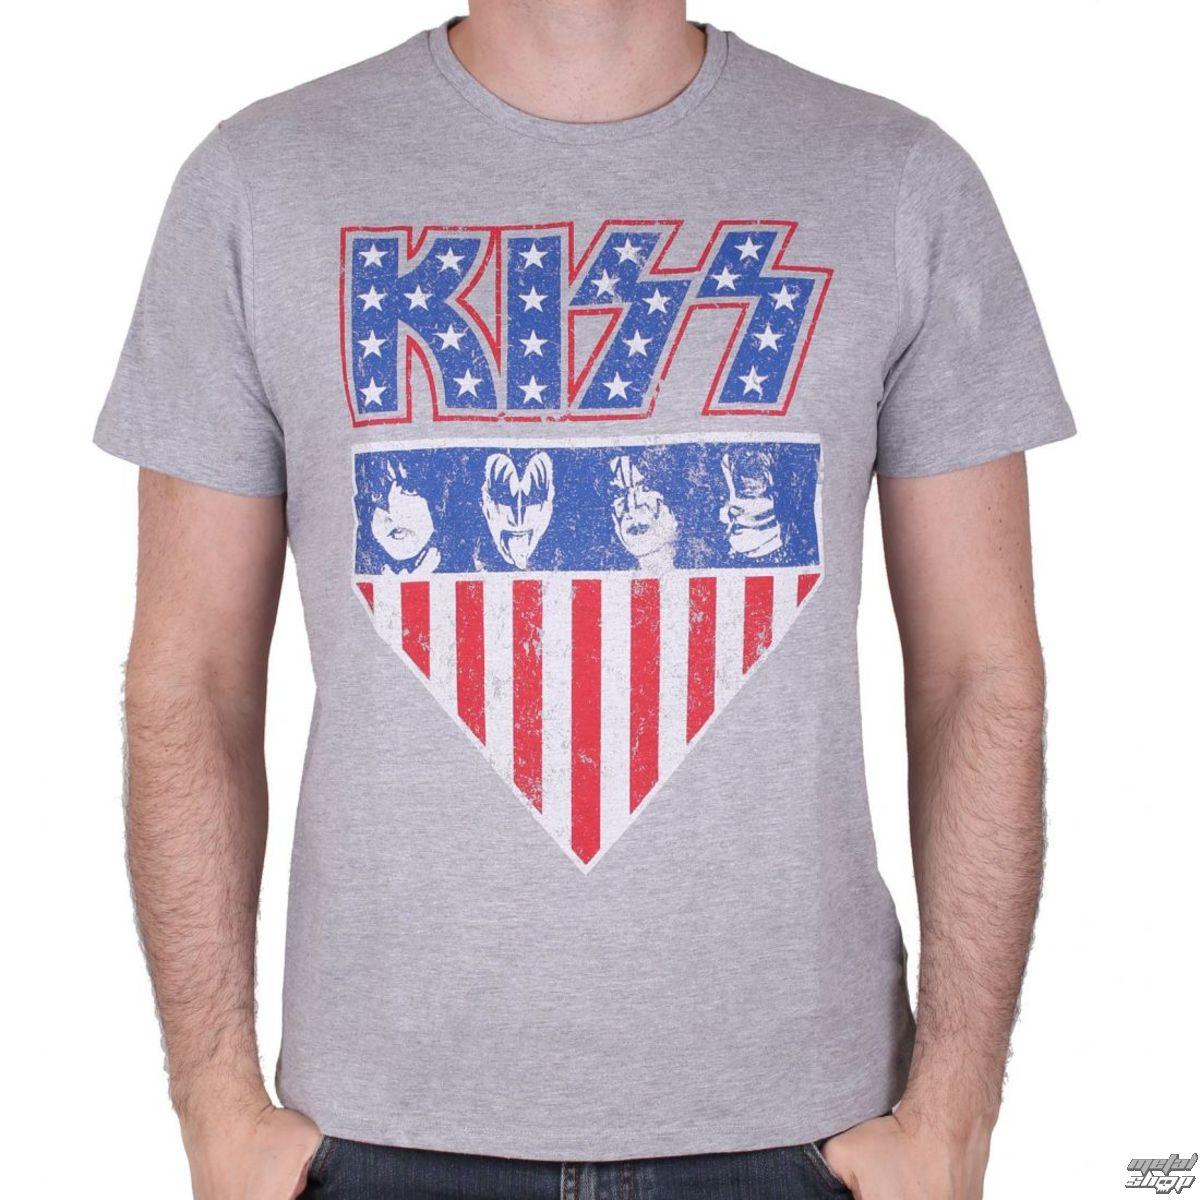 e57a409e39e2 tričko pánske KISS - AMERICAN STYLE - GREY - LEGEND - MEKISSRTS008 ...